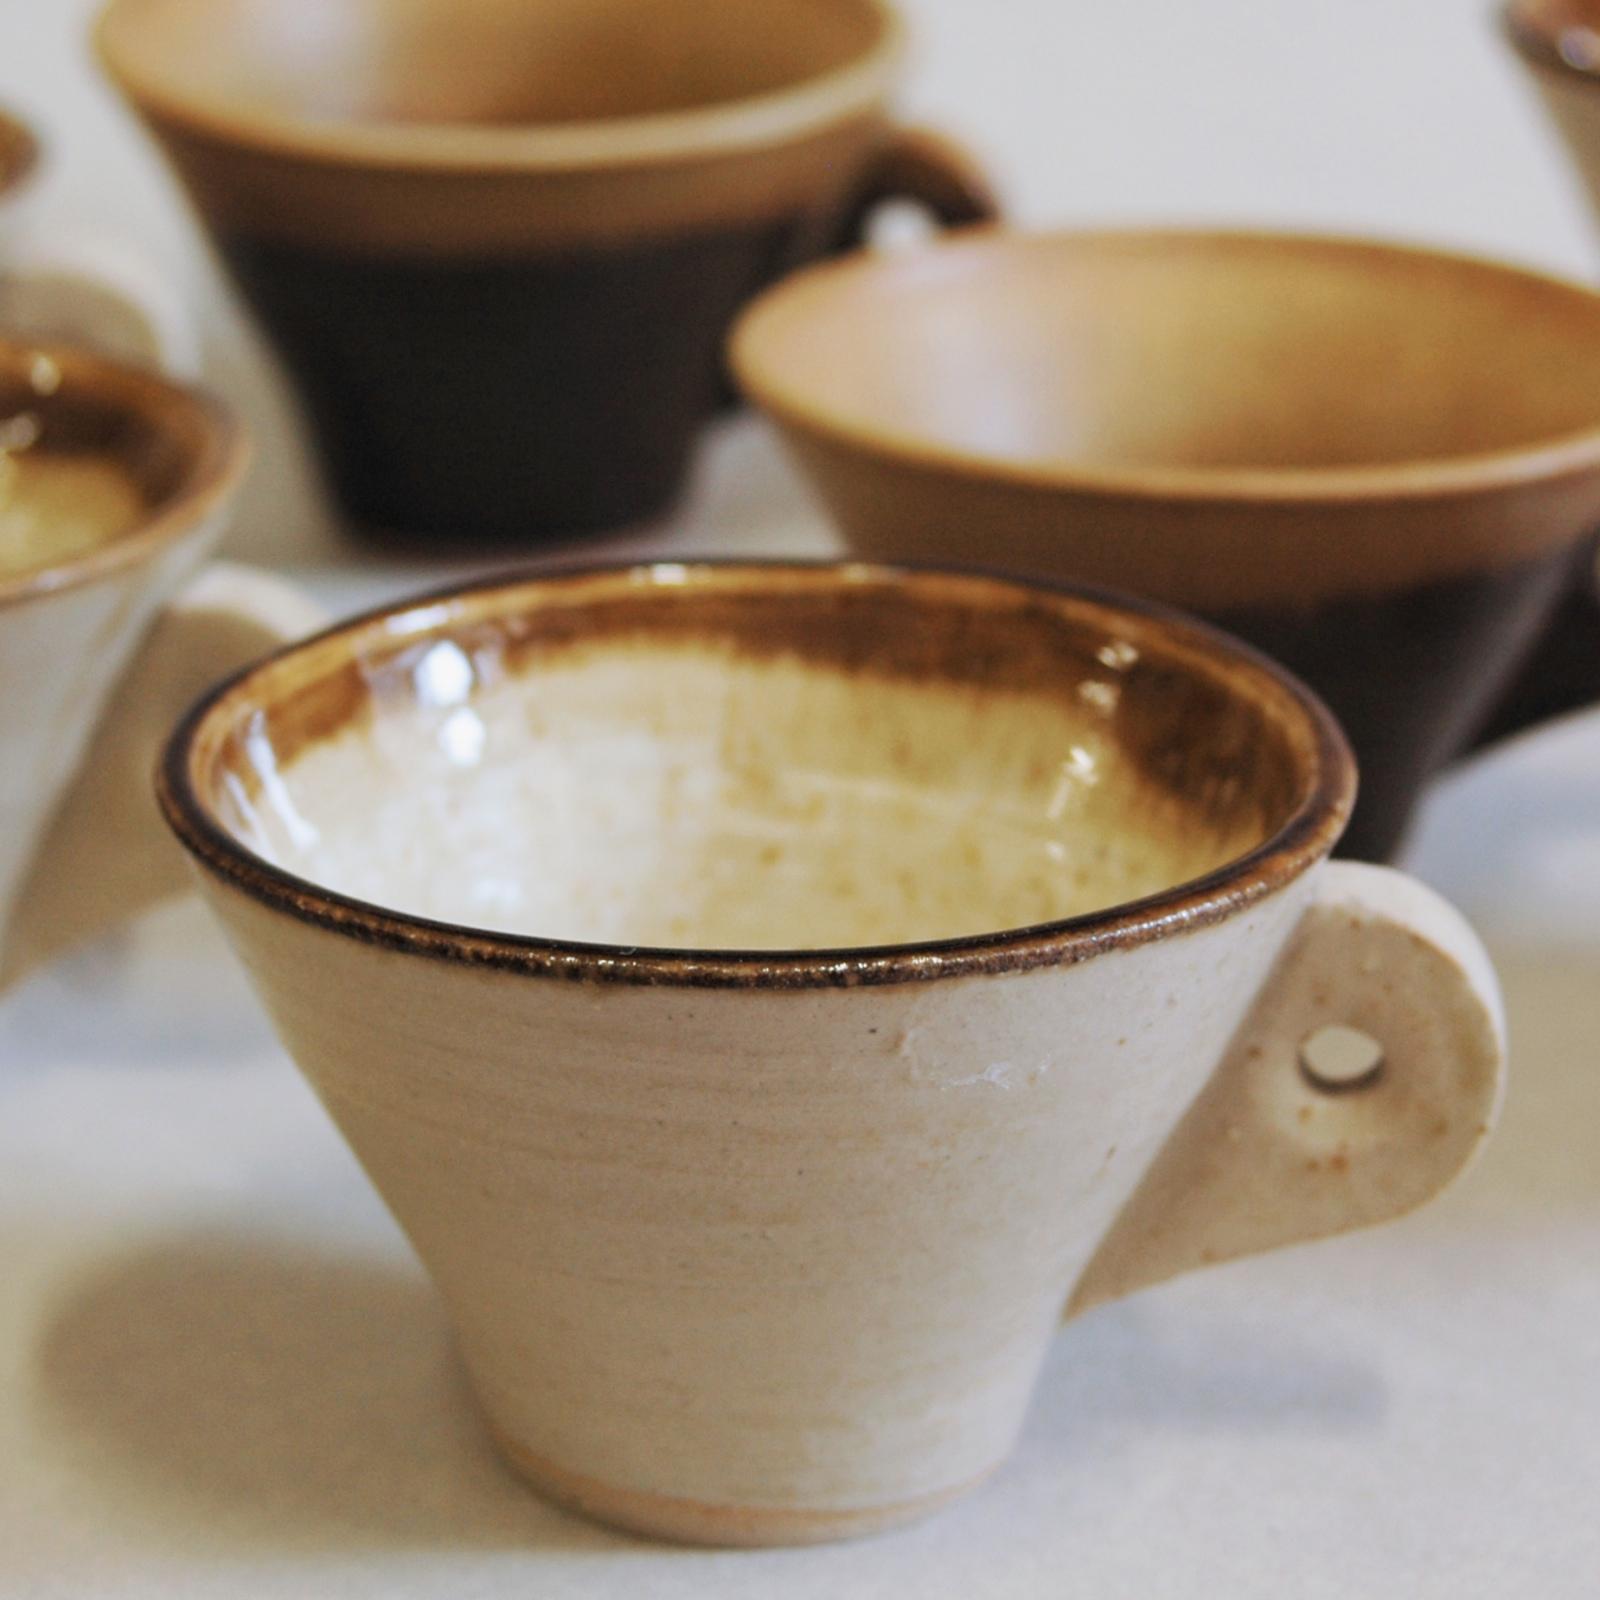 Tazze caffè – Ashes:Senape 2